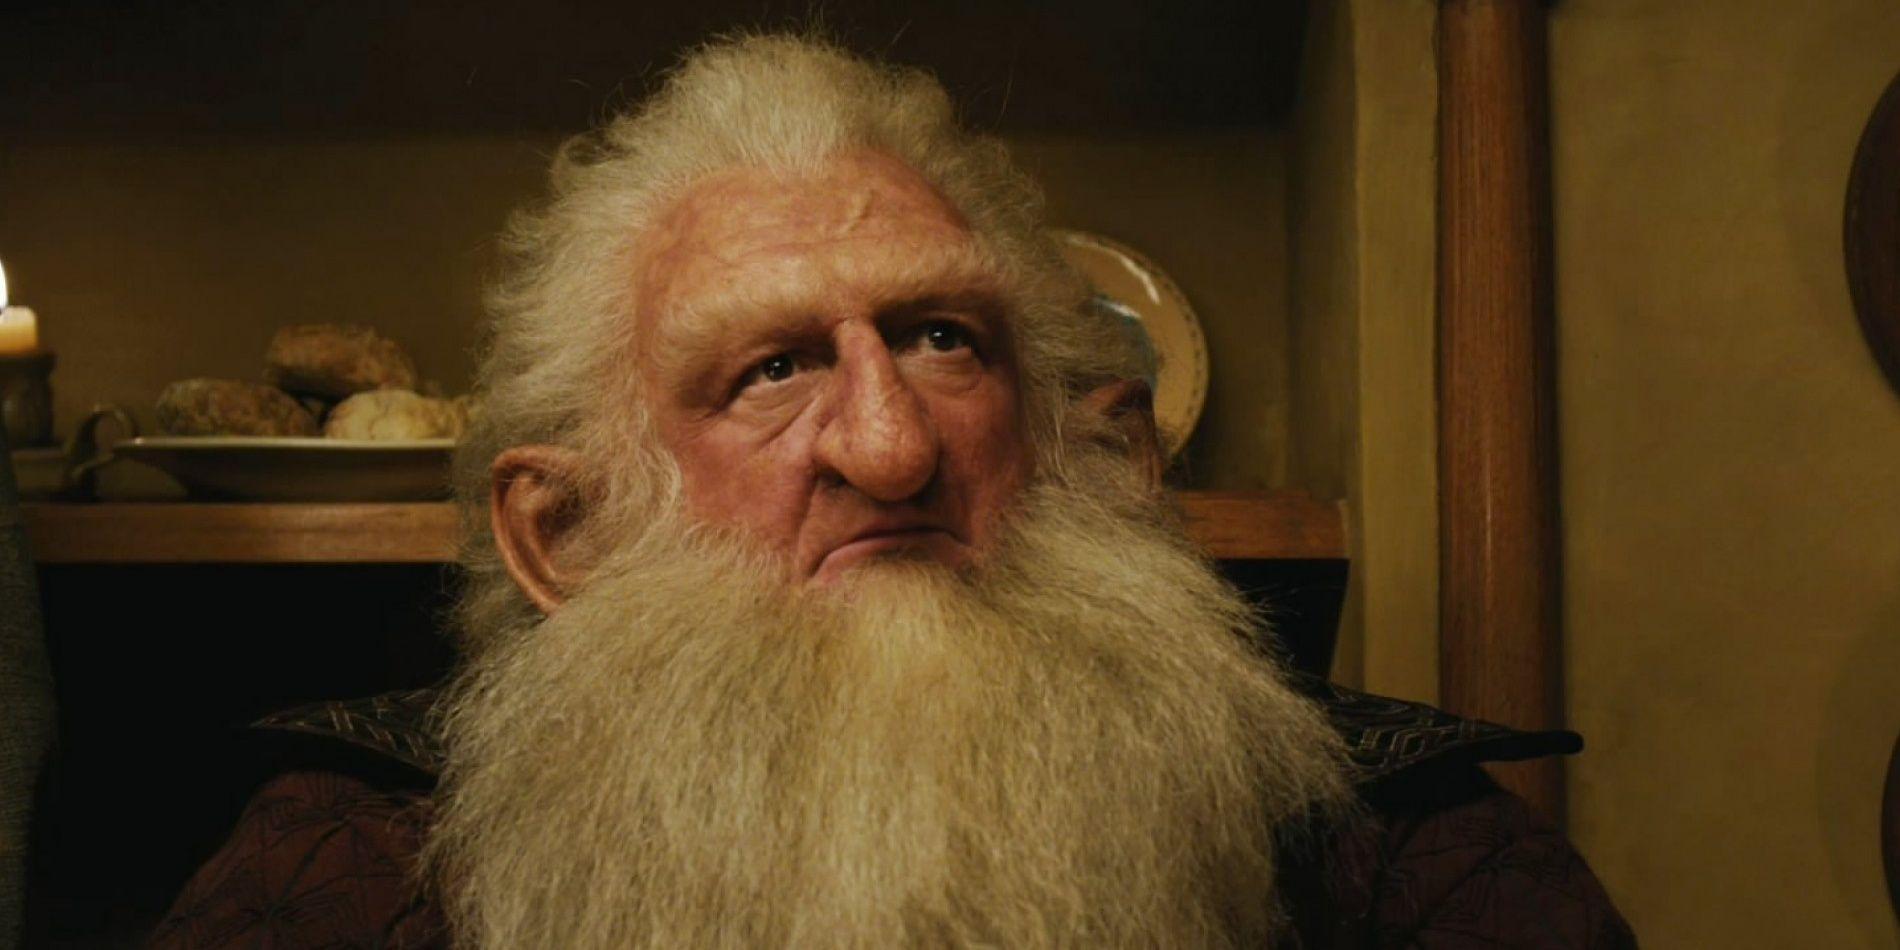 O que aconteceu entre O Hobbit e O Senhor dos Anéis 7